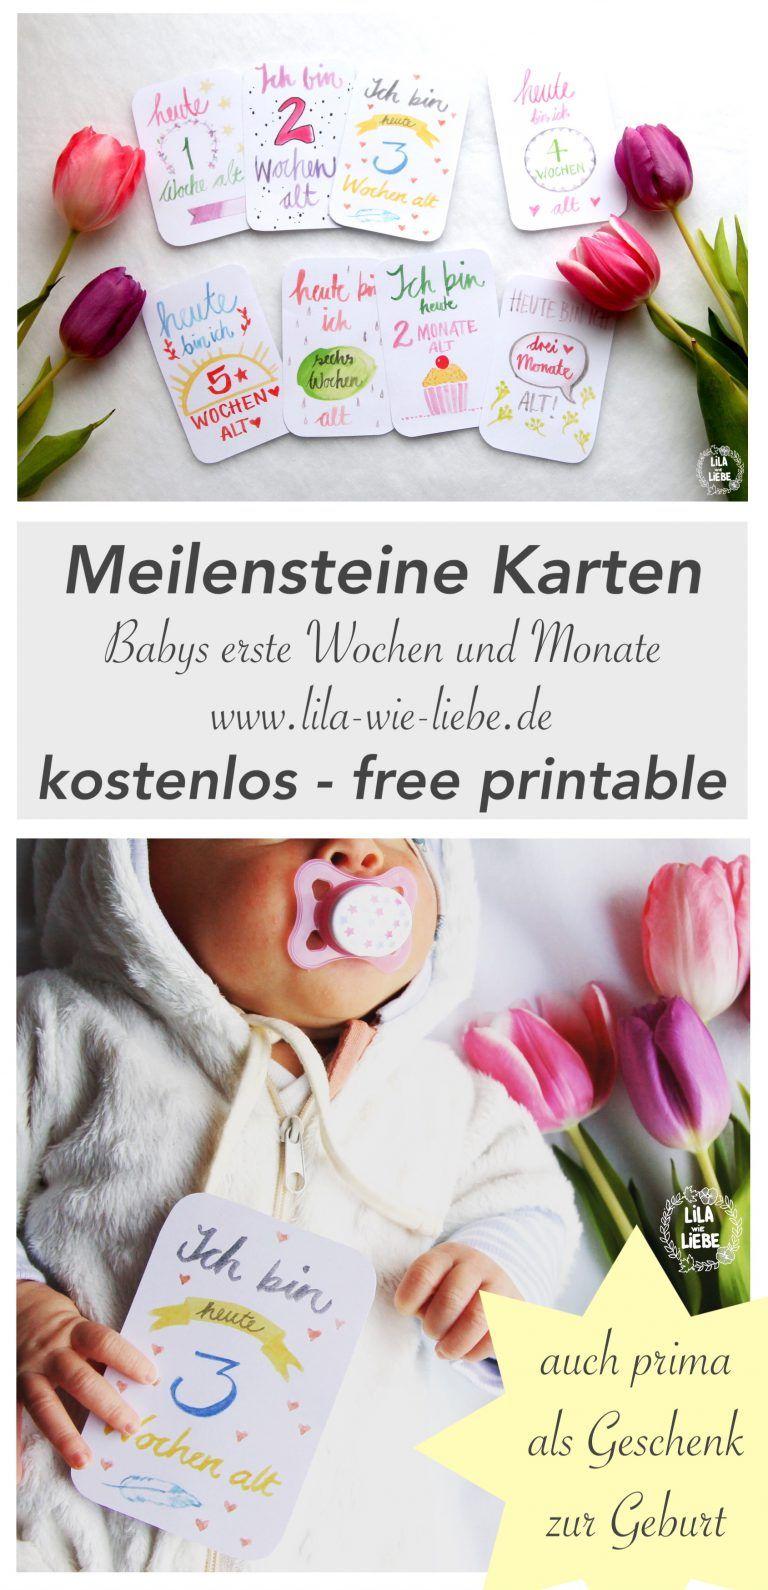 Baby Meilensteine Karten Gratis Druckvorlage Free Printable